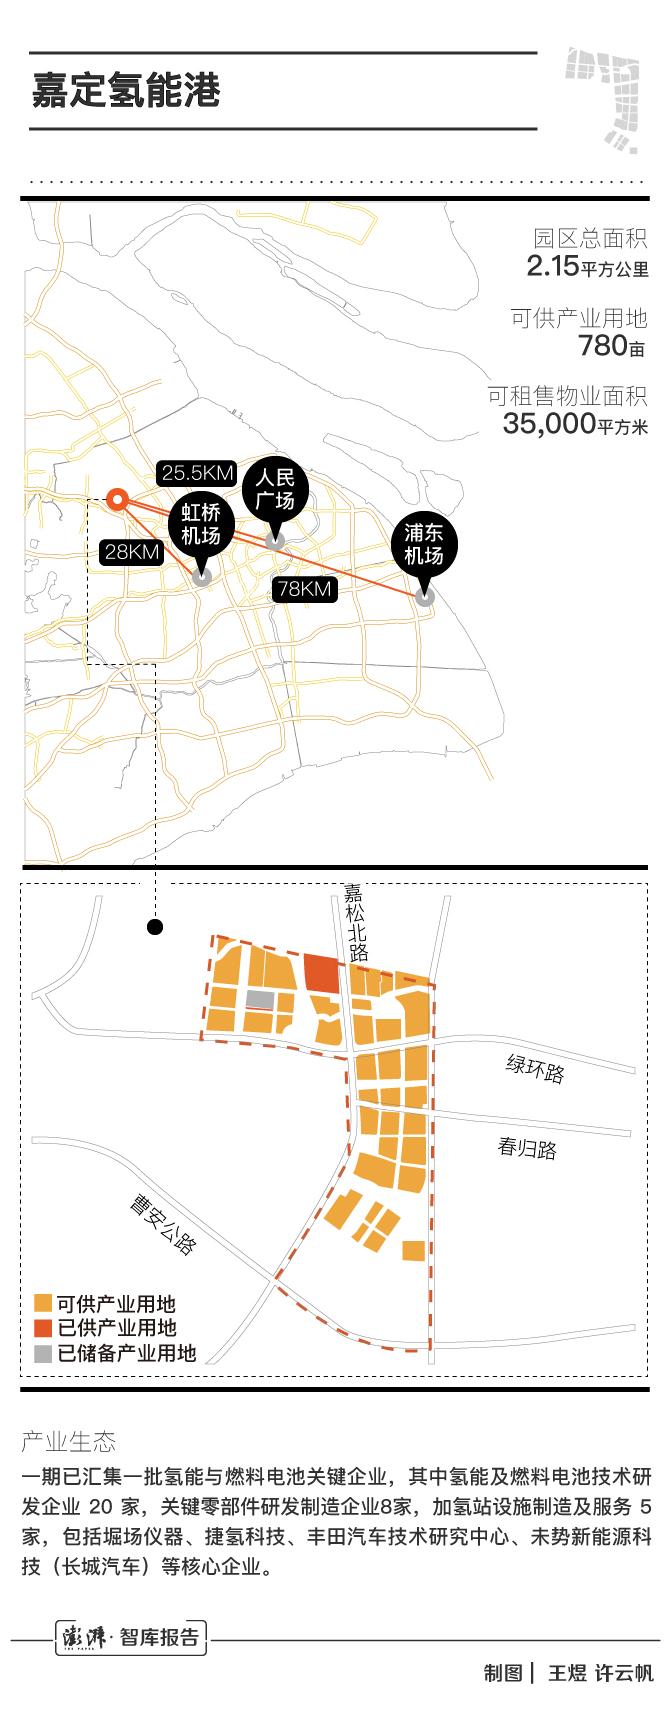 数据来源:上海市经信委(时间截至2020年3月,后续园区土地供需或有变化,特此说明。)